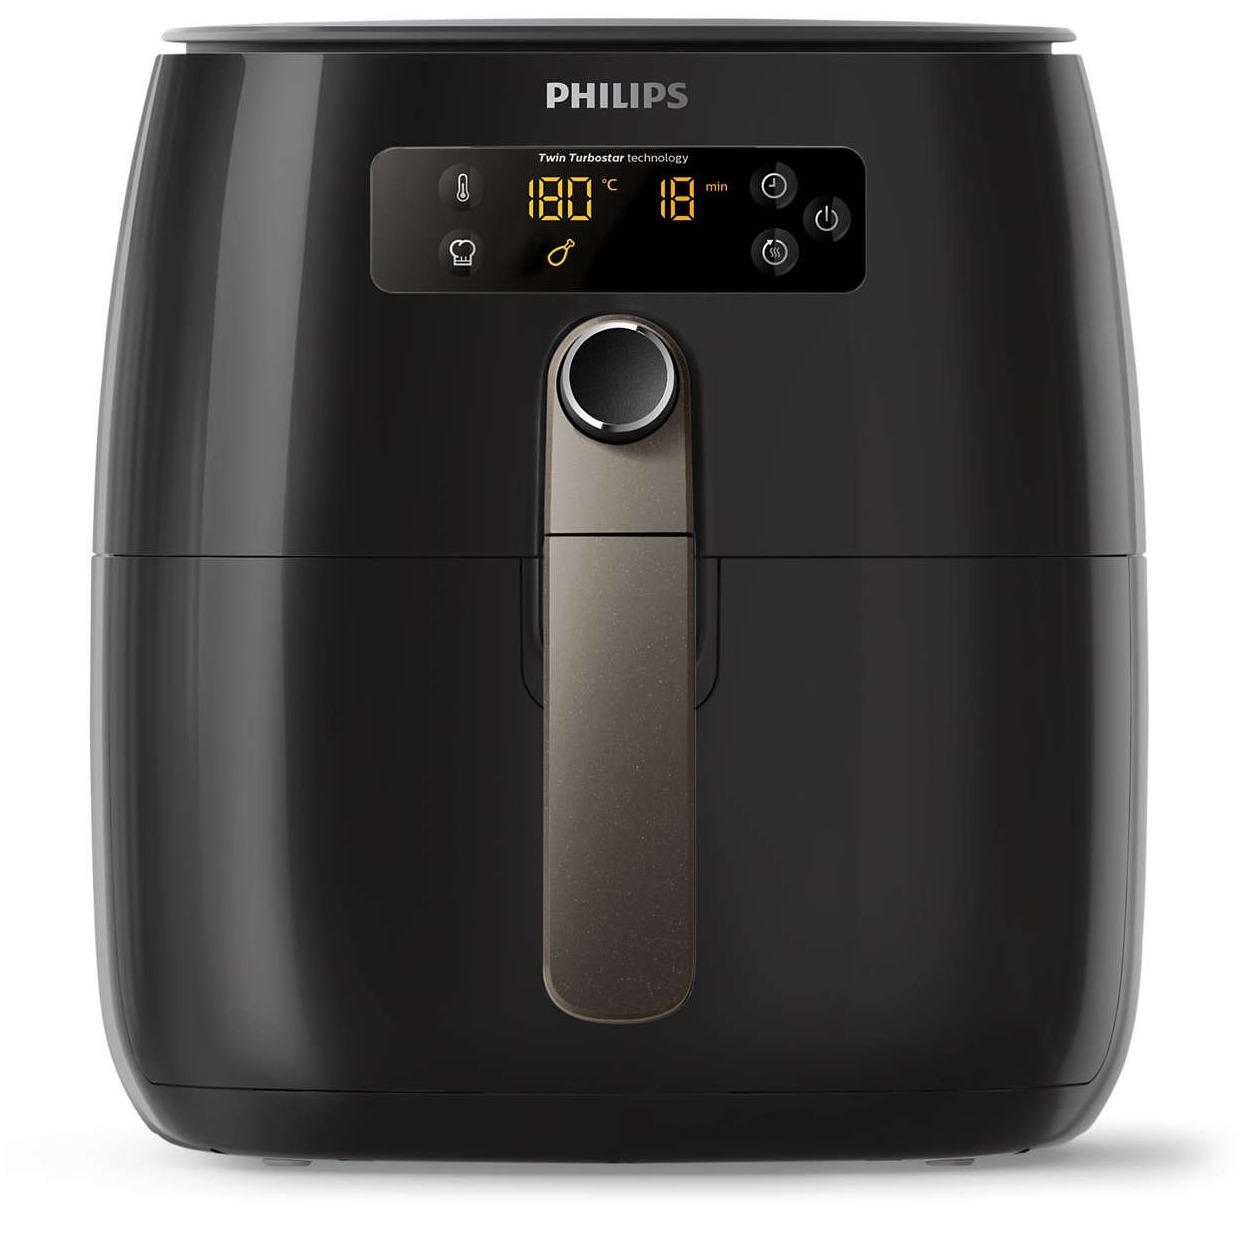 Philips airfryer HD9741/10